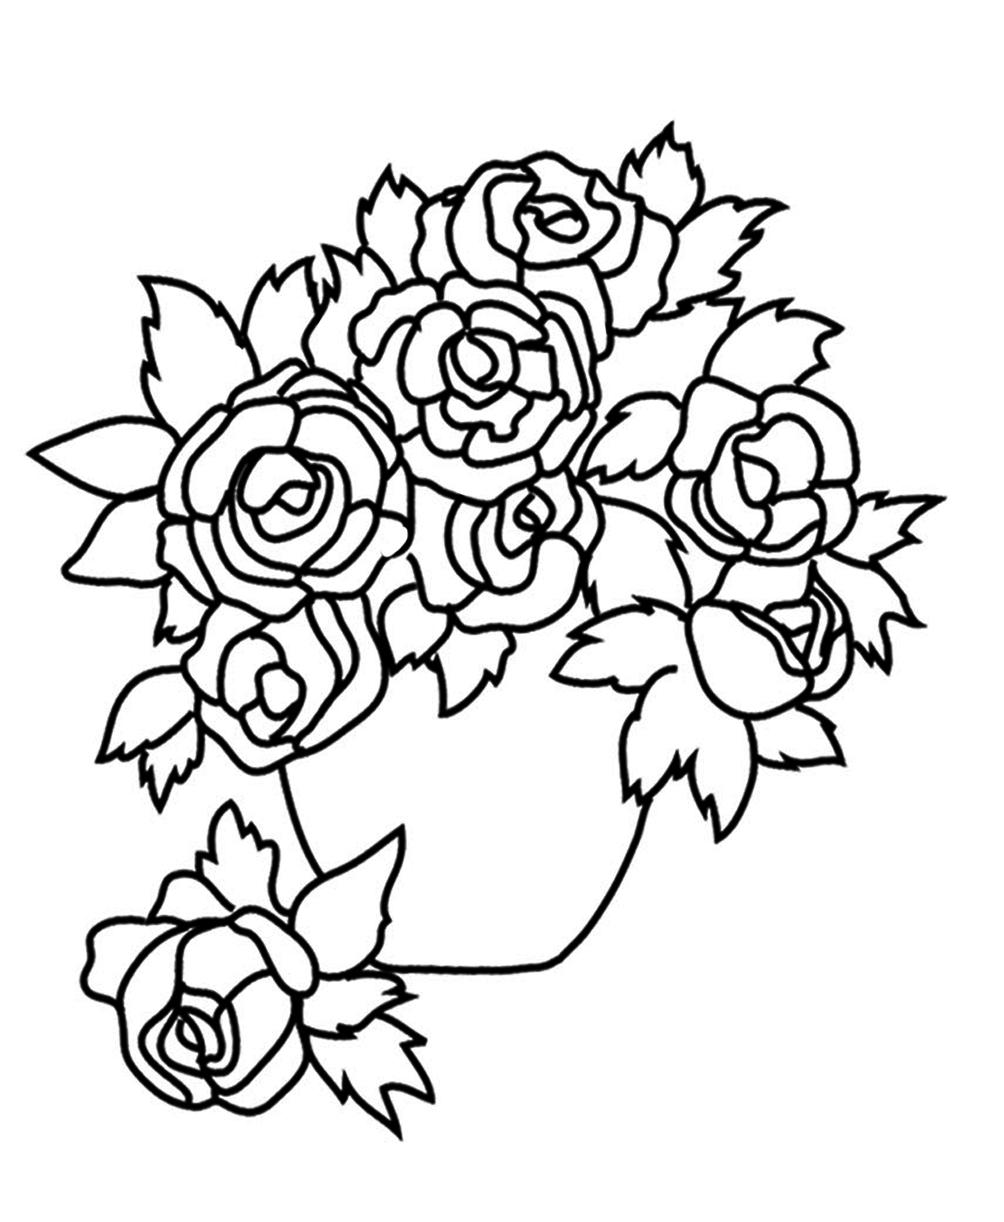 Tranh tô màu hoa hồng đơn giản cực đẹp